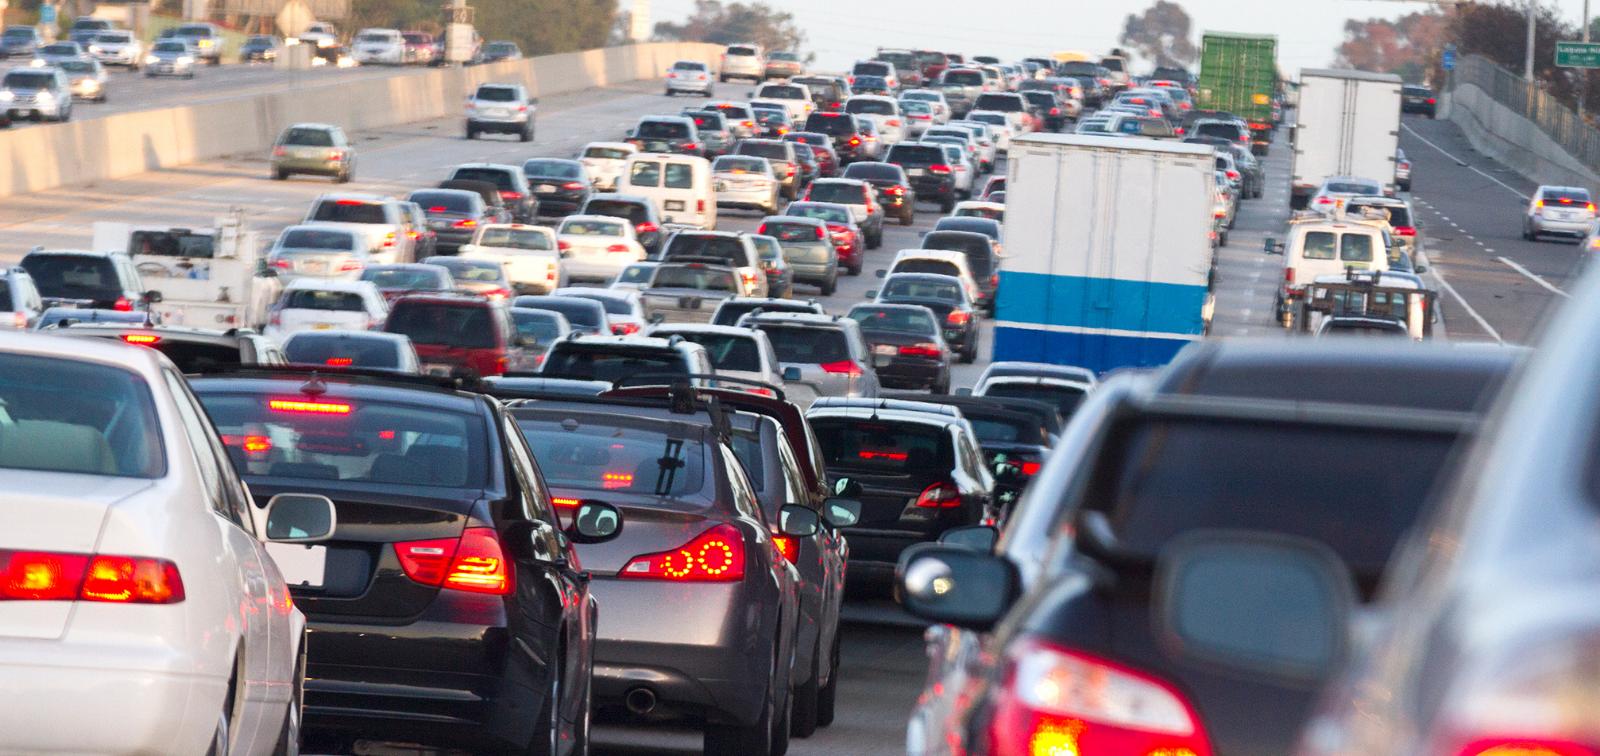 Milion darmowych przejazdów od TIER, by Pokonać Korki na Dobre w Dzień Bez Samochodu